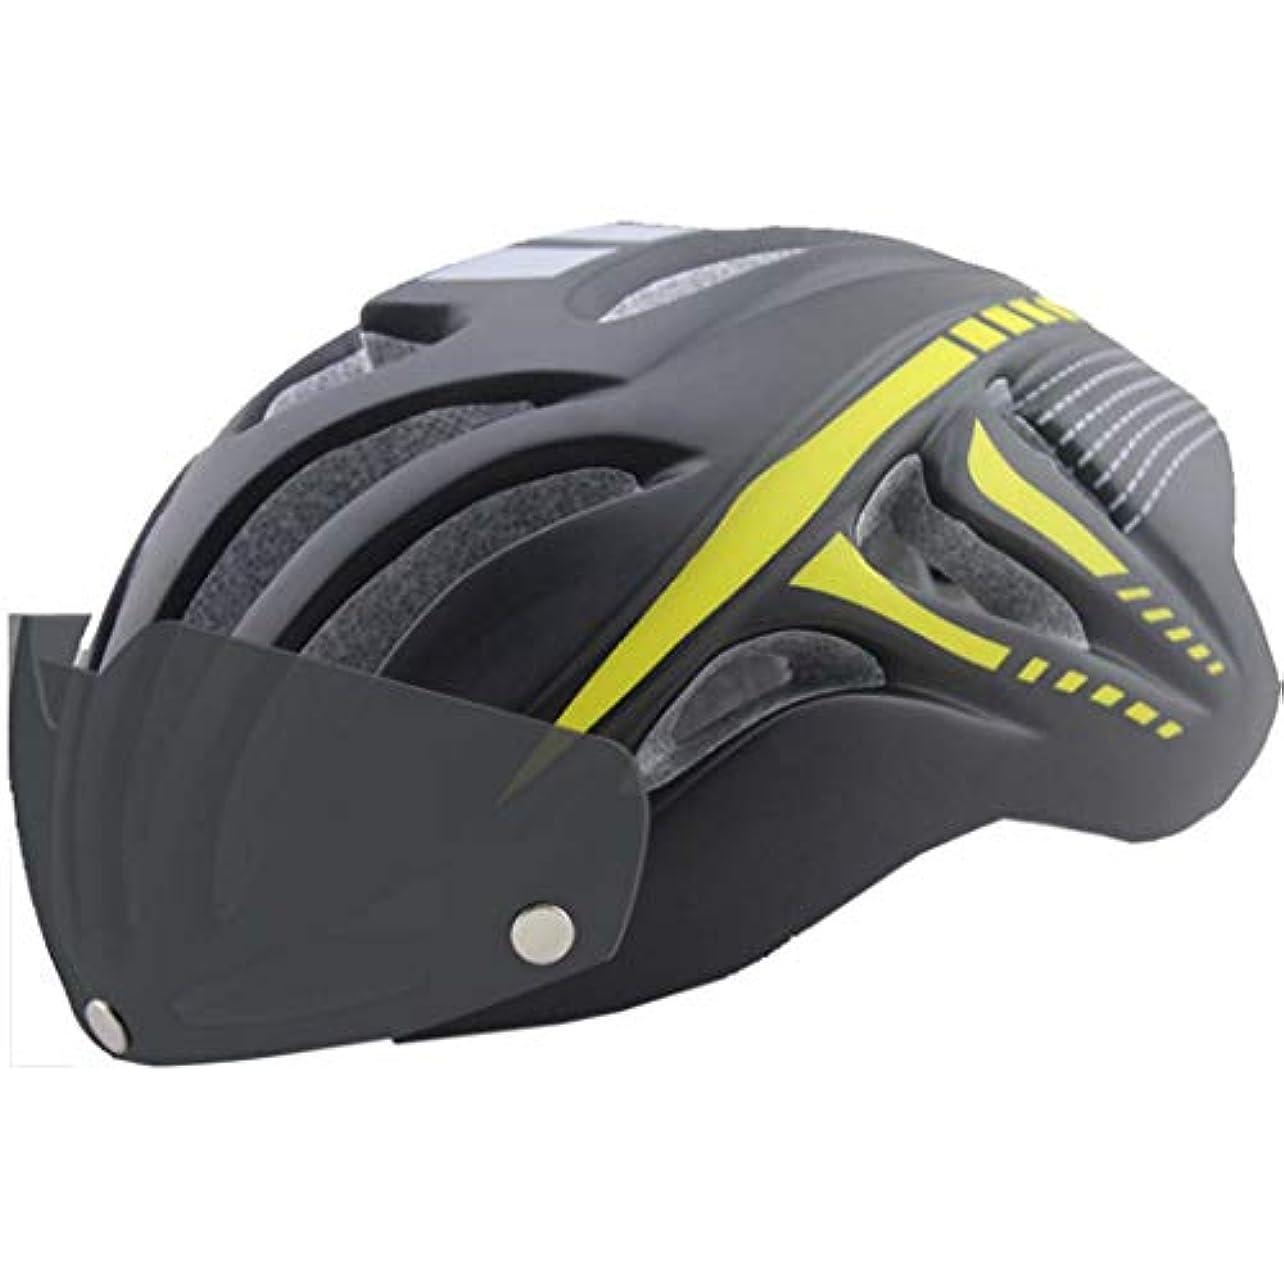 高齢者にんじん安心自転車ヘルメット, 軽量ライディングヘルメット PC 屋外サイクリングヘルメット調整しやすい男女兼用大人スポーツヘルメット (頭囲 56-62cm)